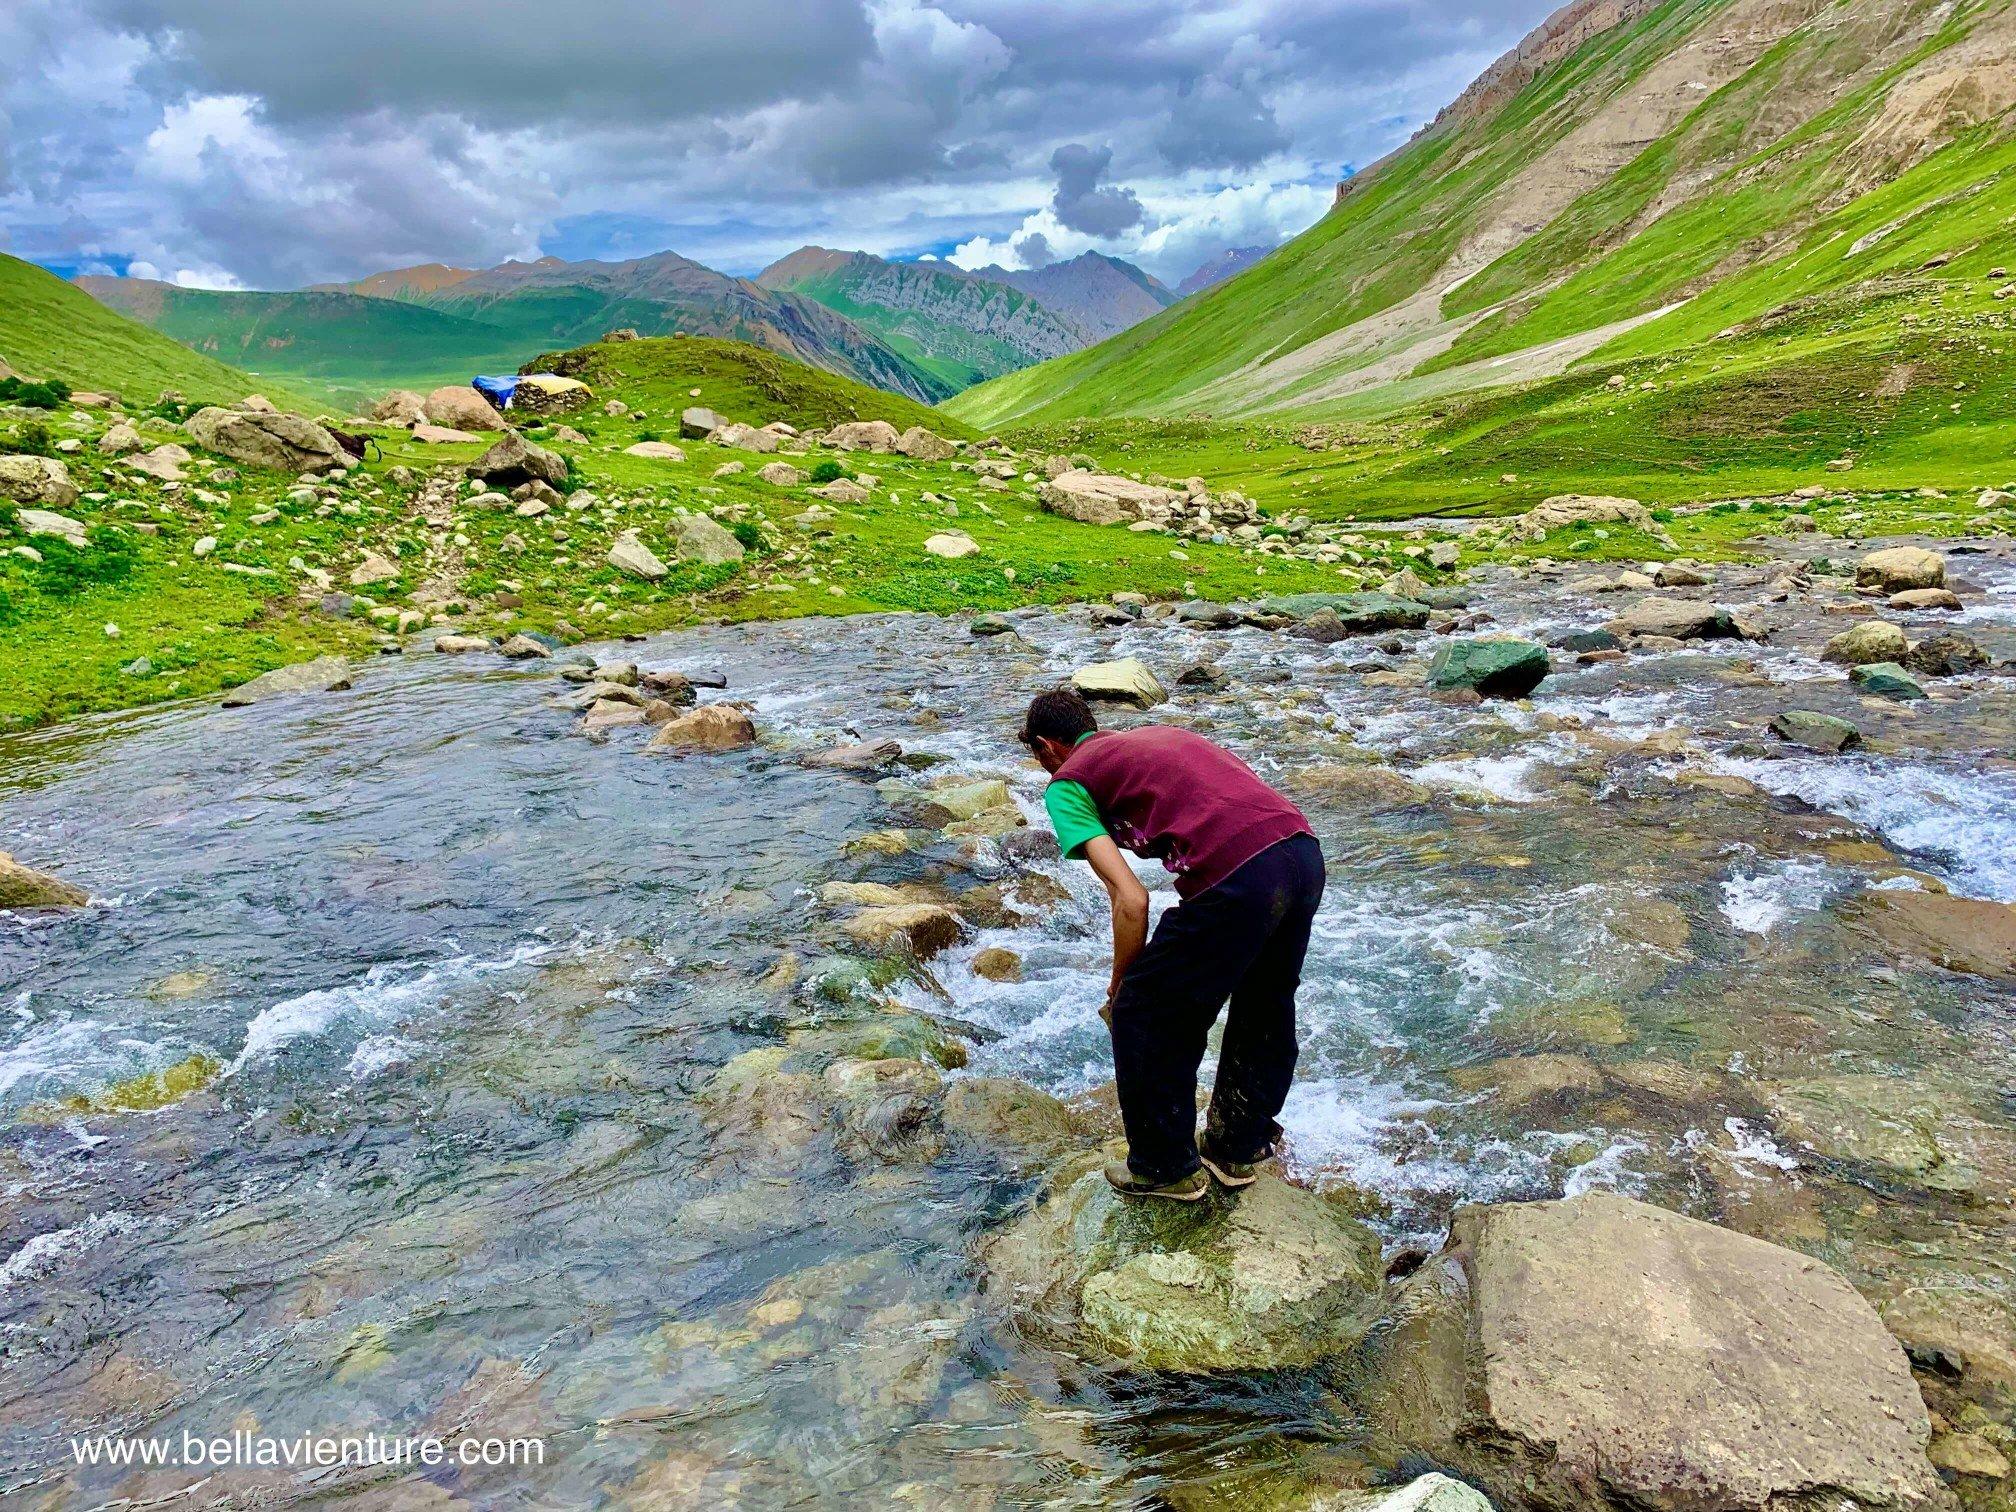 印度 India 北北印 North India 喀什米爾  Kashmir 八天七夜 健行 渡河 超冰融冰水